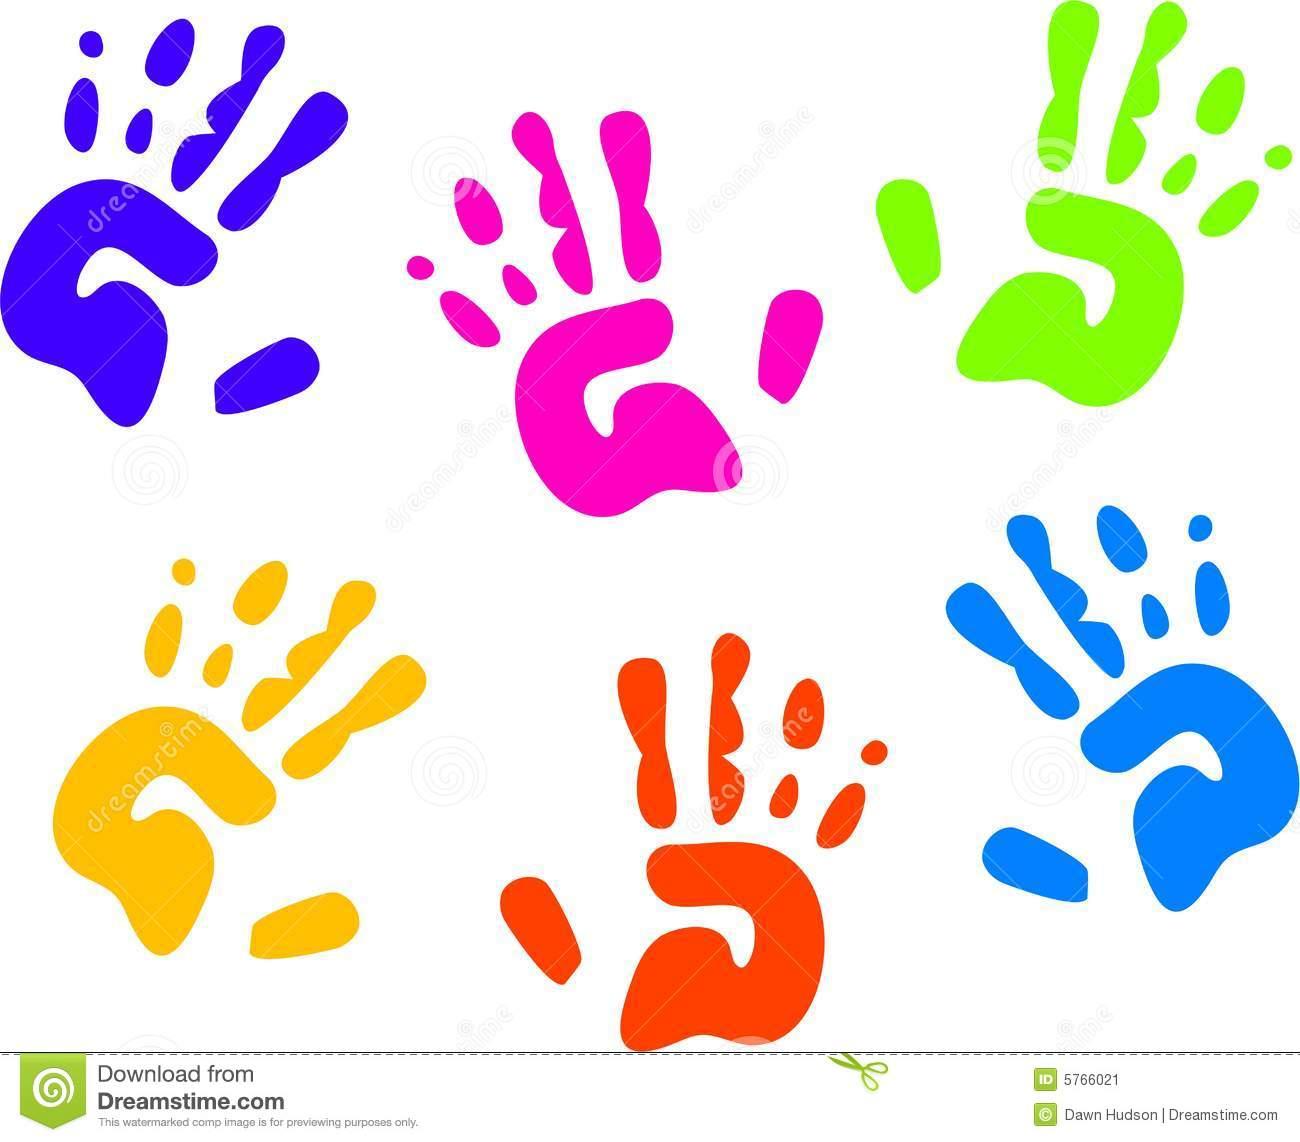 Kids handprint clipart.